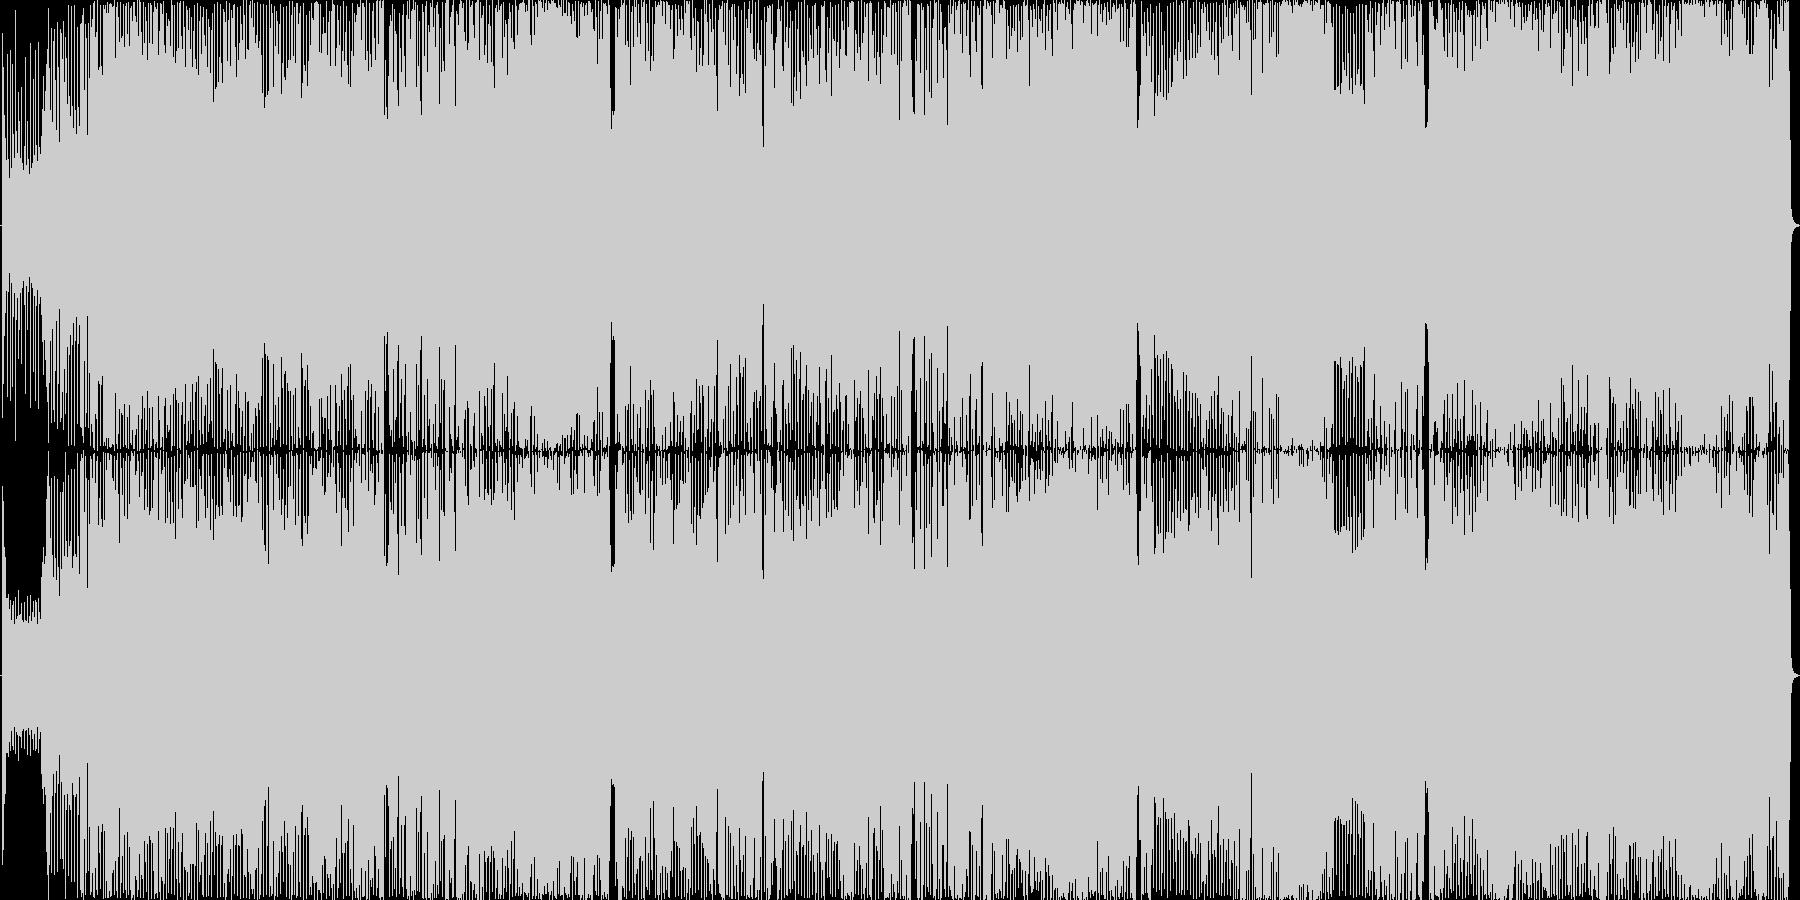 ポップでファンキーなディスコサウンドの未再生の波形